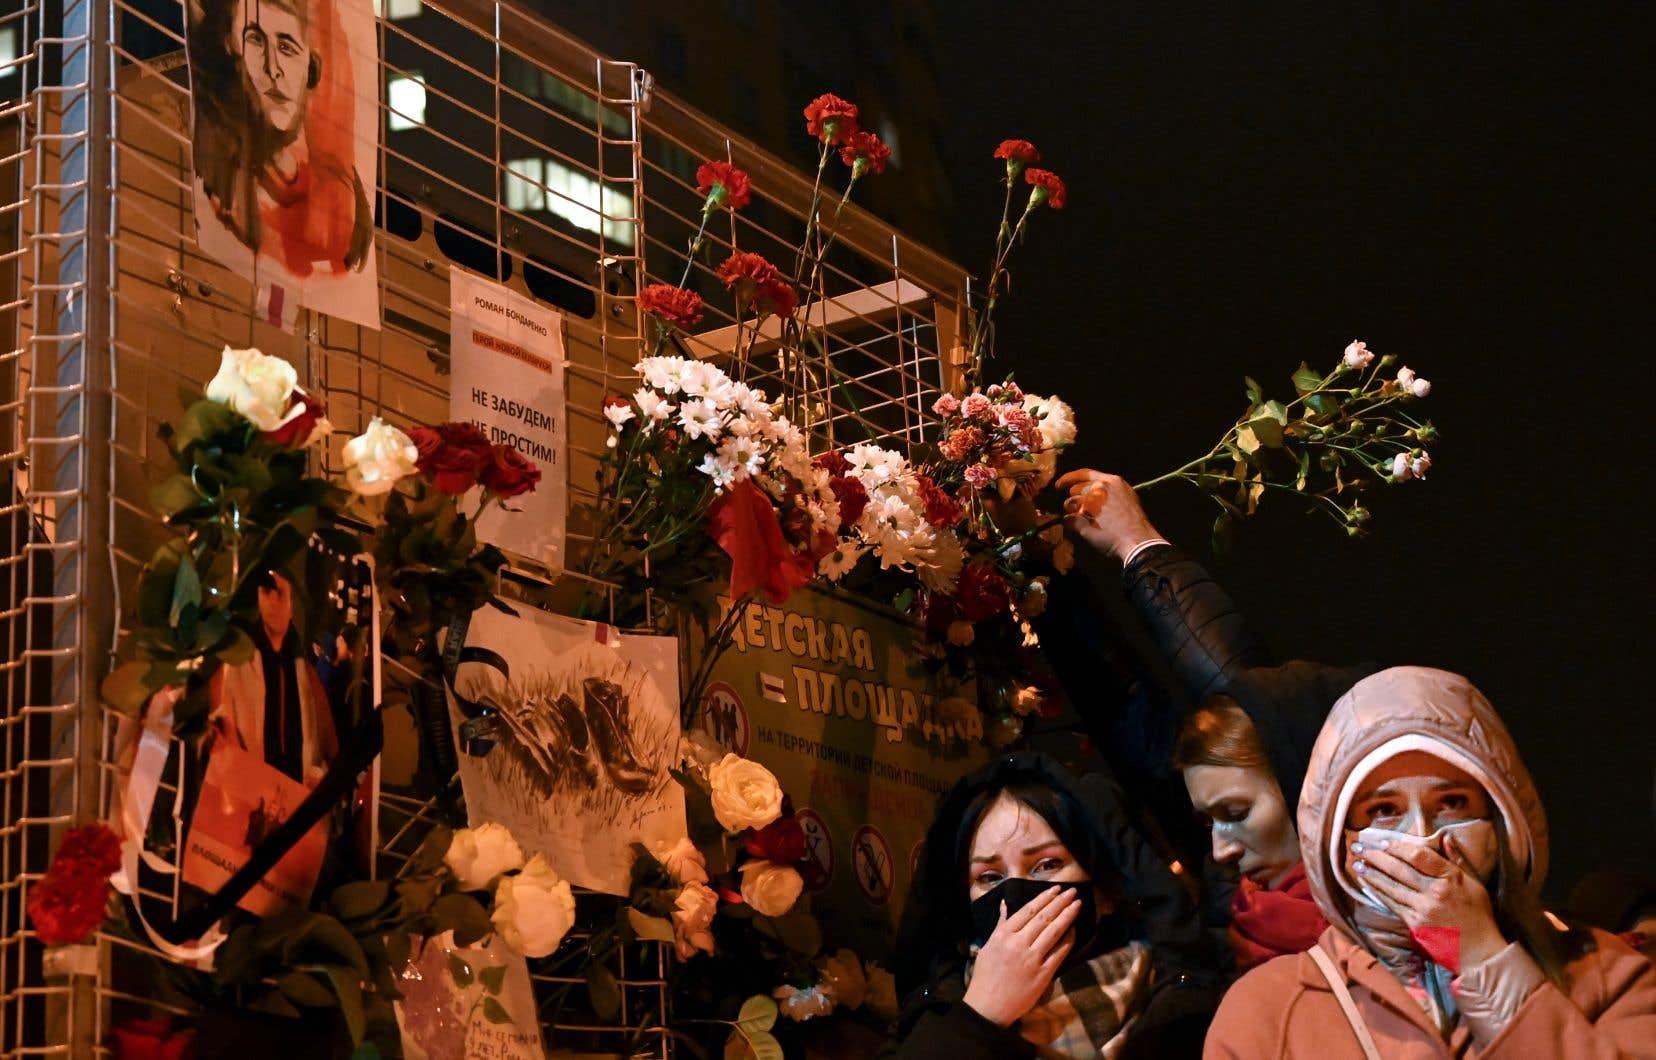 Un monument a été érigé en hommage àRoman Bondarenko, mort mercredi.